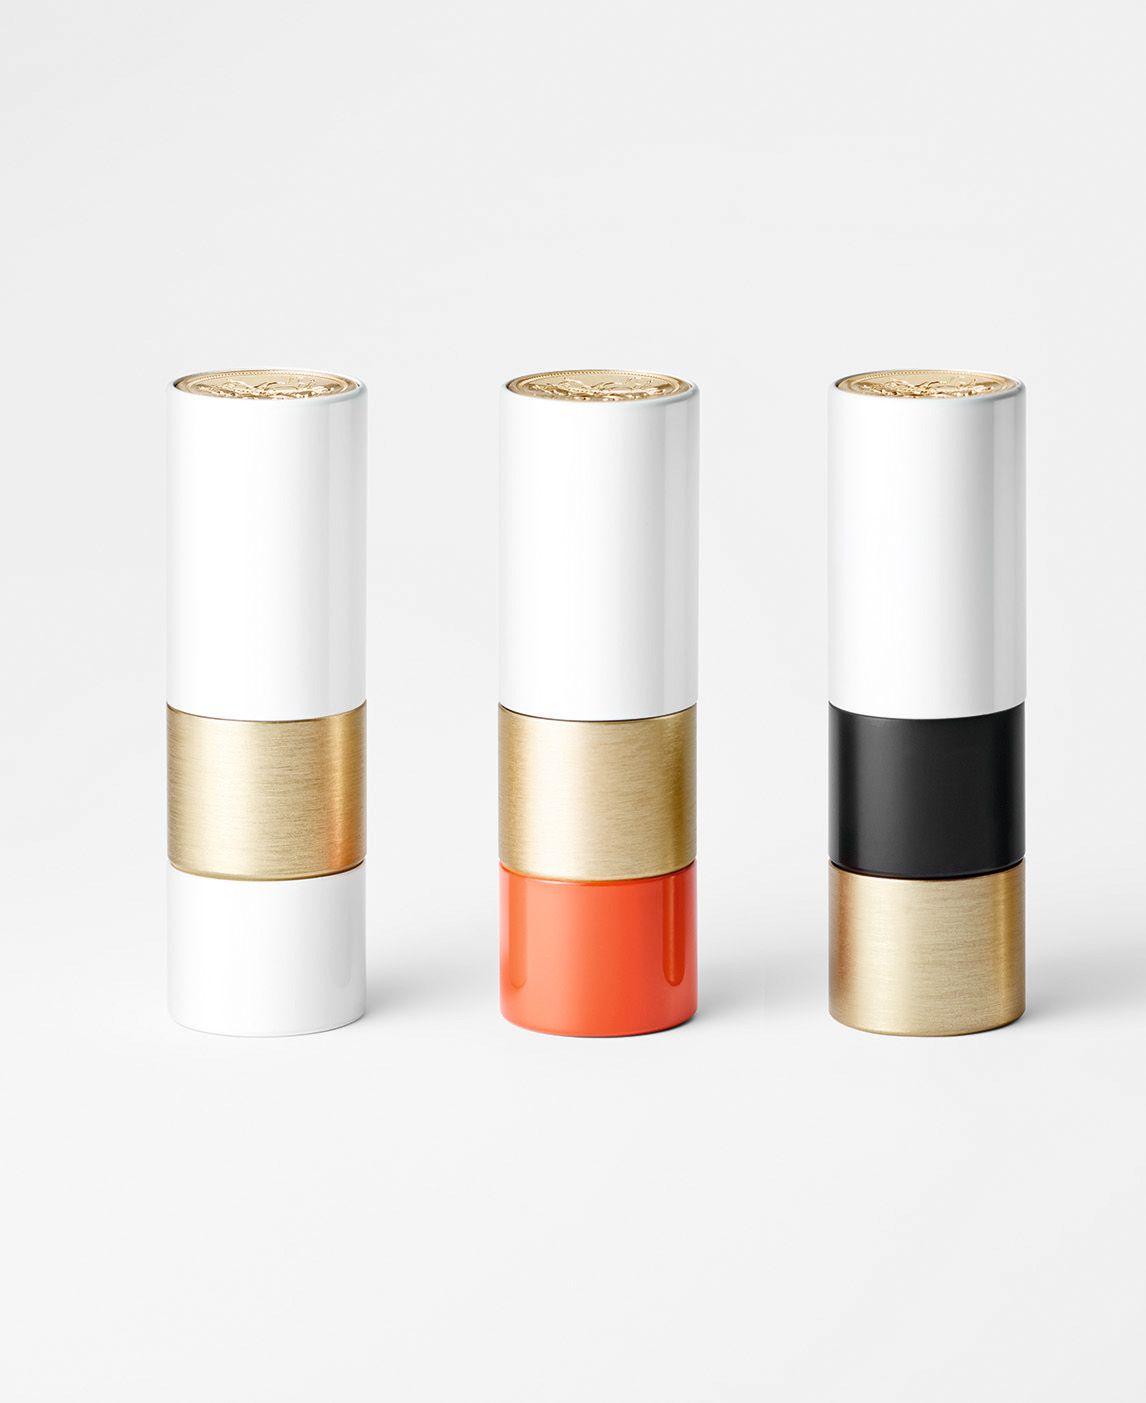 2020開春美妝界震撼彈!Hermès 愛馬仕首度推出唇膏,宣告精品彩妝業進入新戰國時代